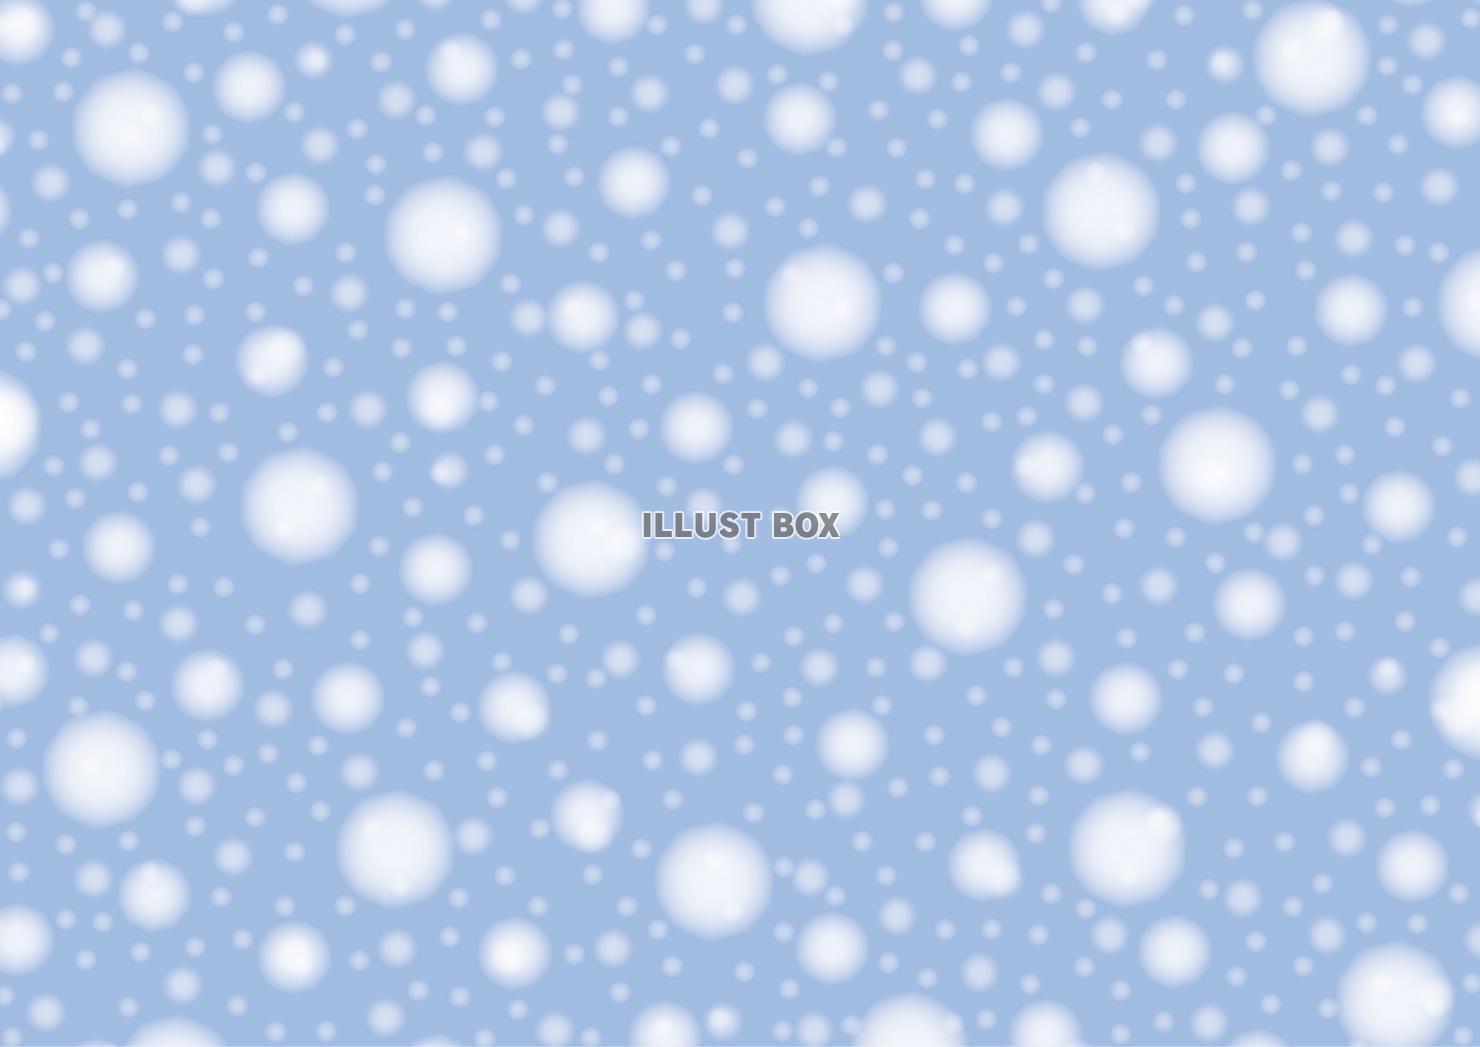 無料イラスト 降り積もる雪 壁紙 背景